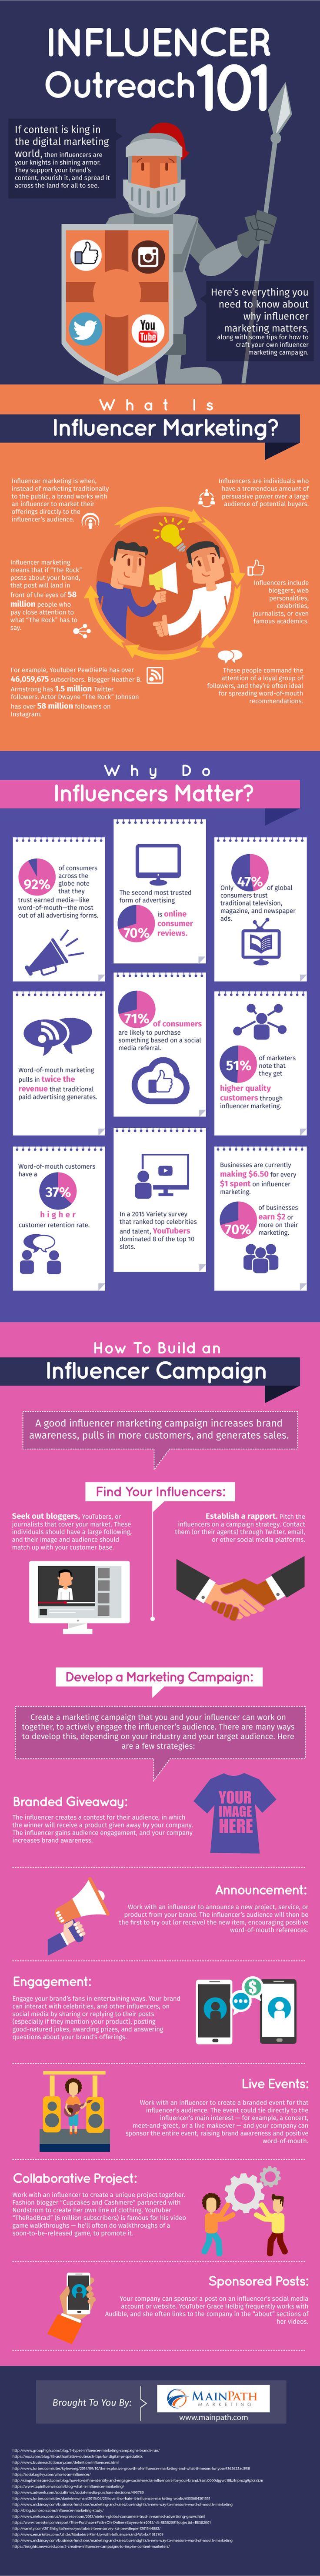 Influencer Outreach 101 #Infographic #Marketing